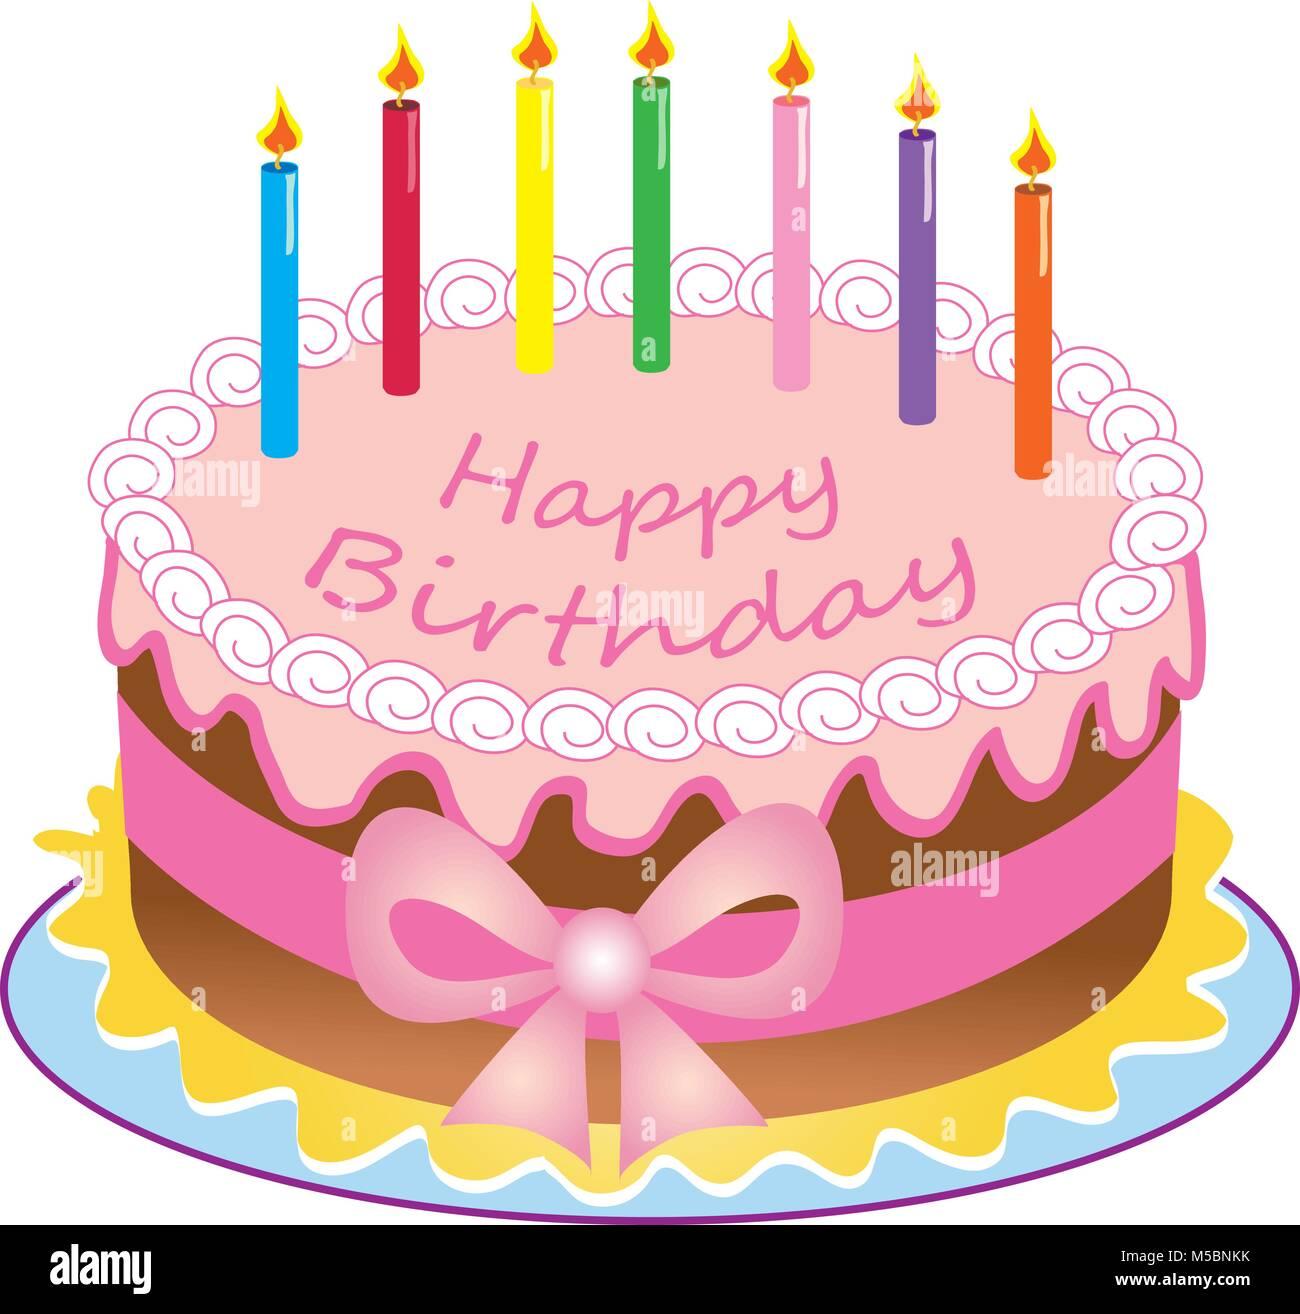 Ein Cartoon Happy Birthday Kuchen Mit Kerzen Zuckerguss Band Und